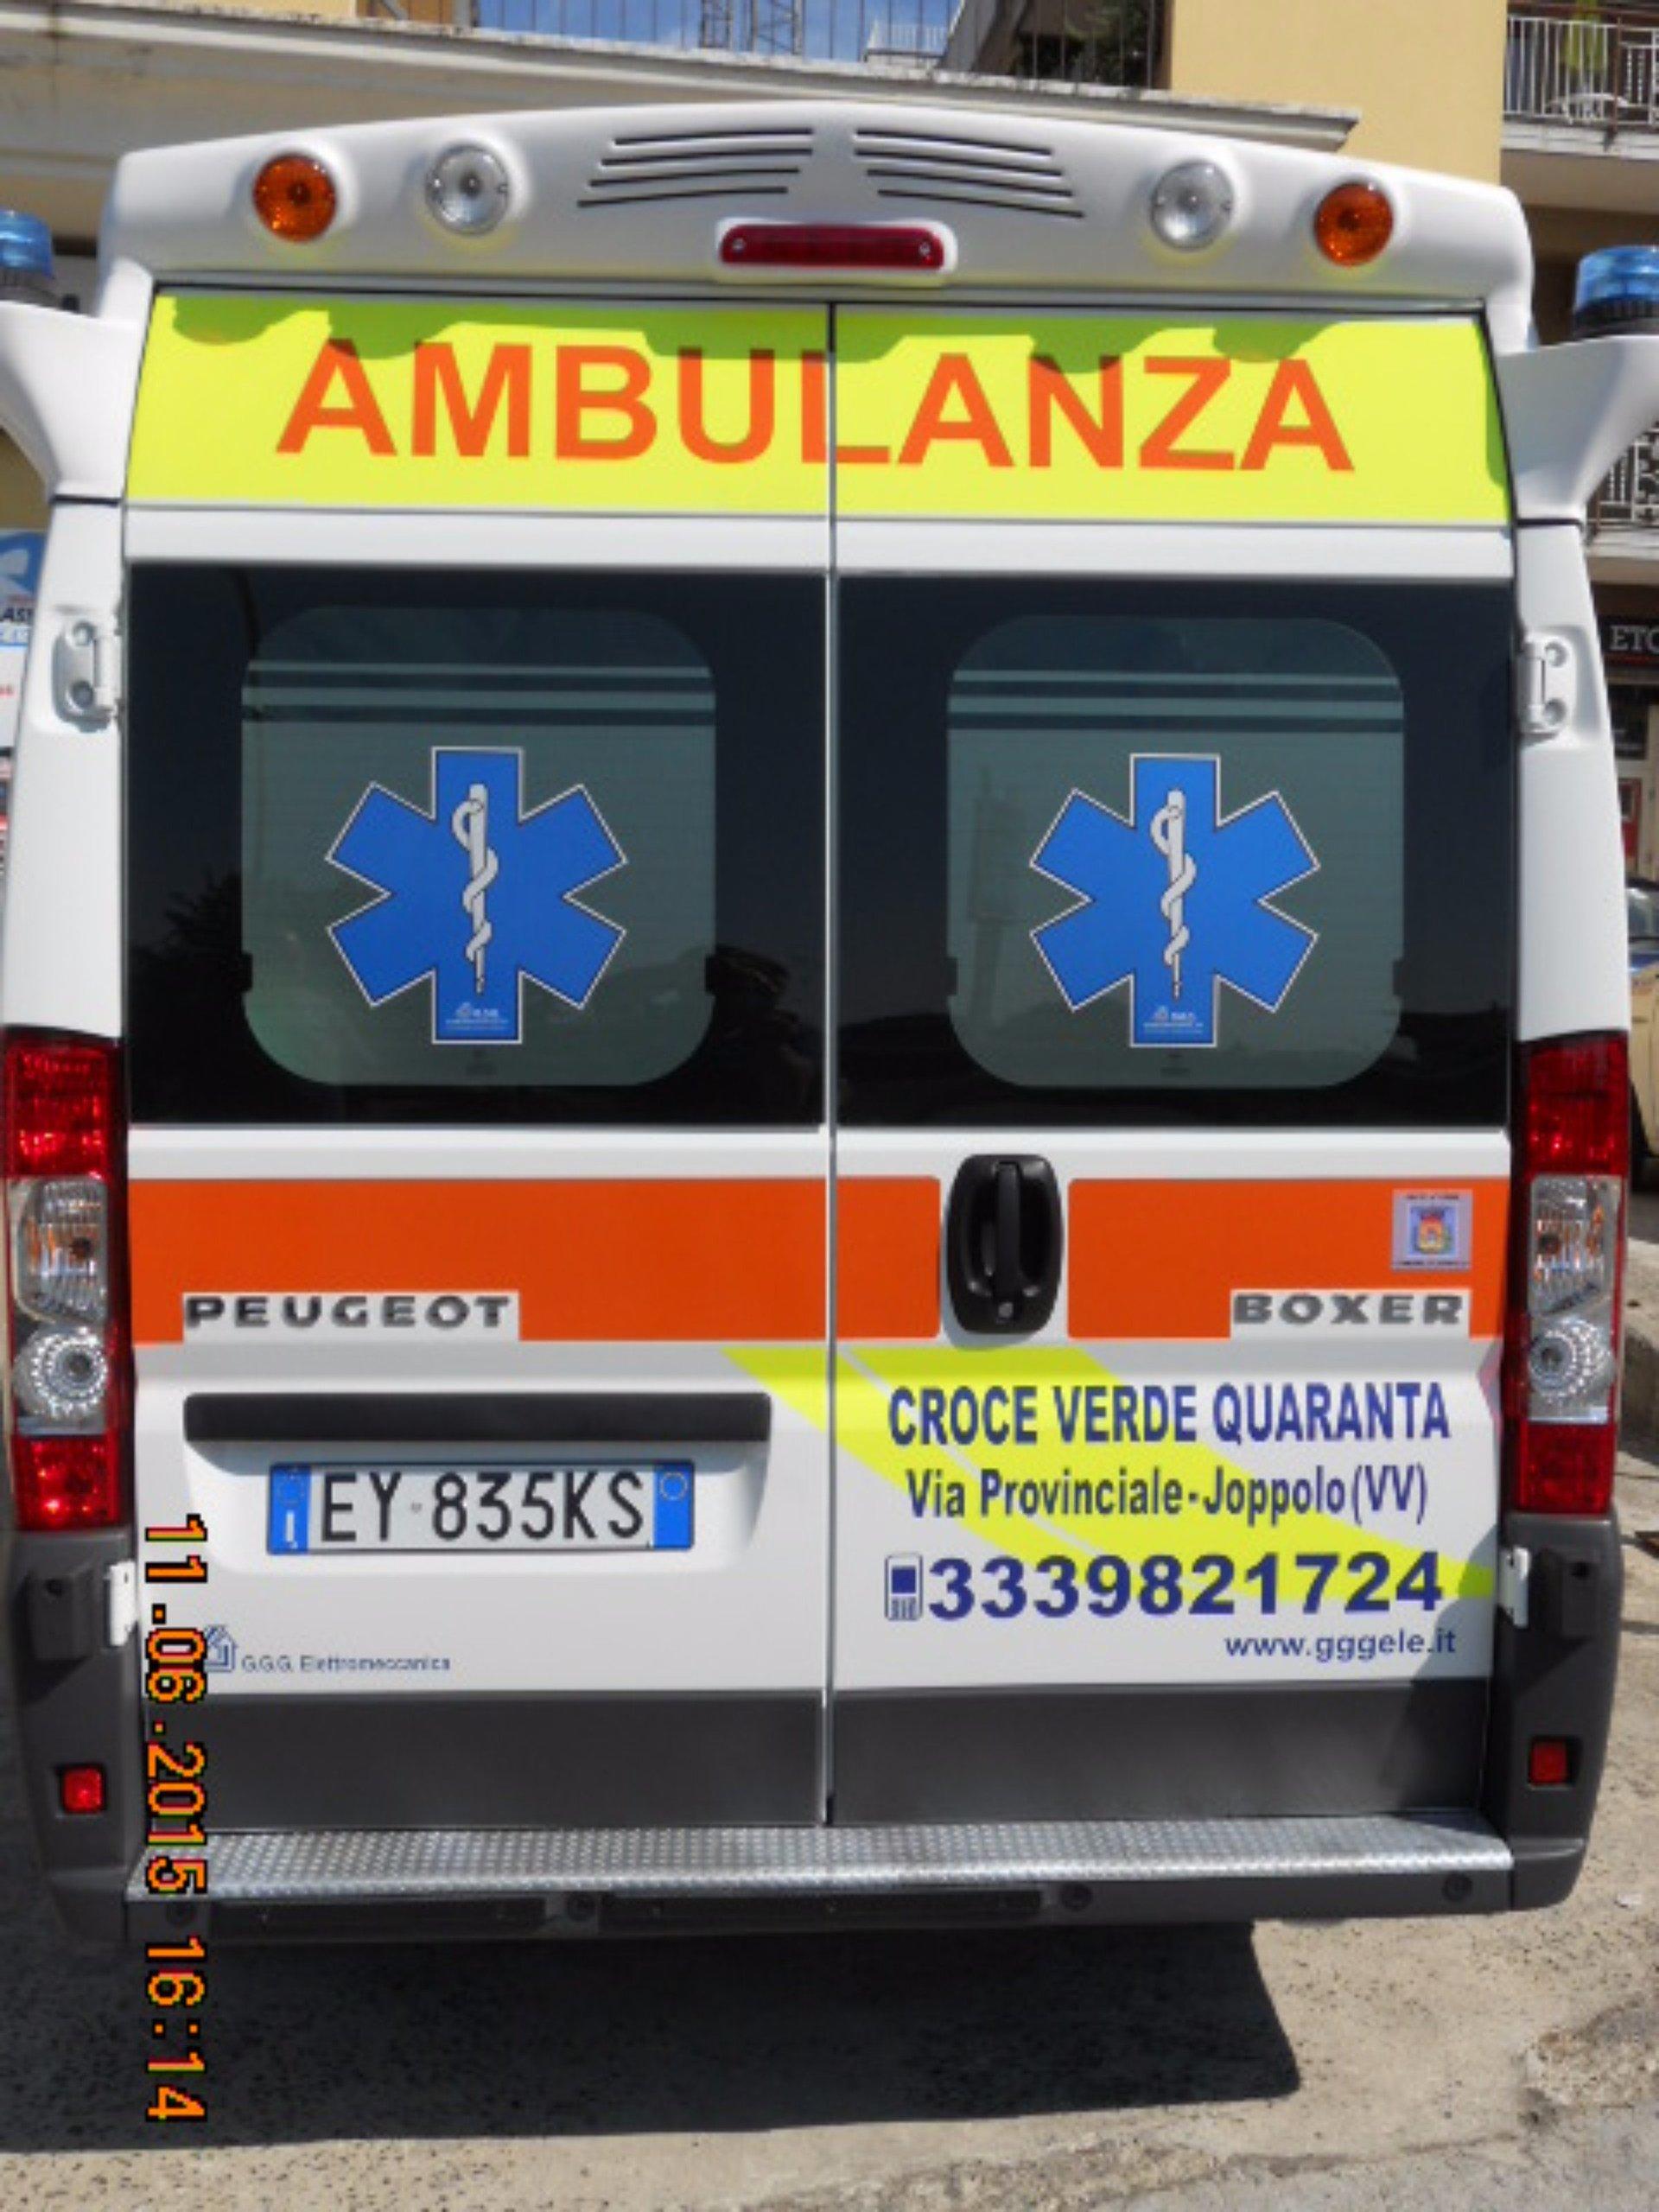 Vista posteriore dell'ambulanza